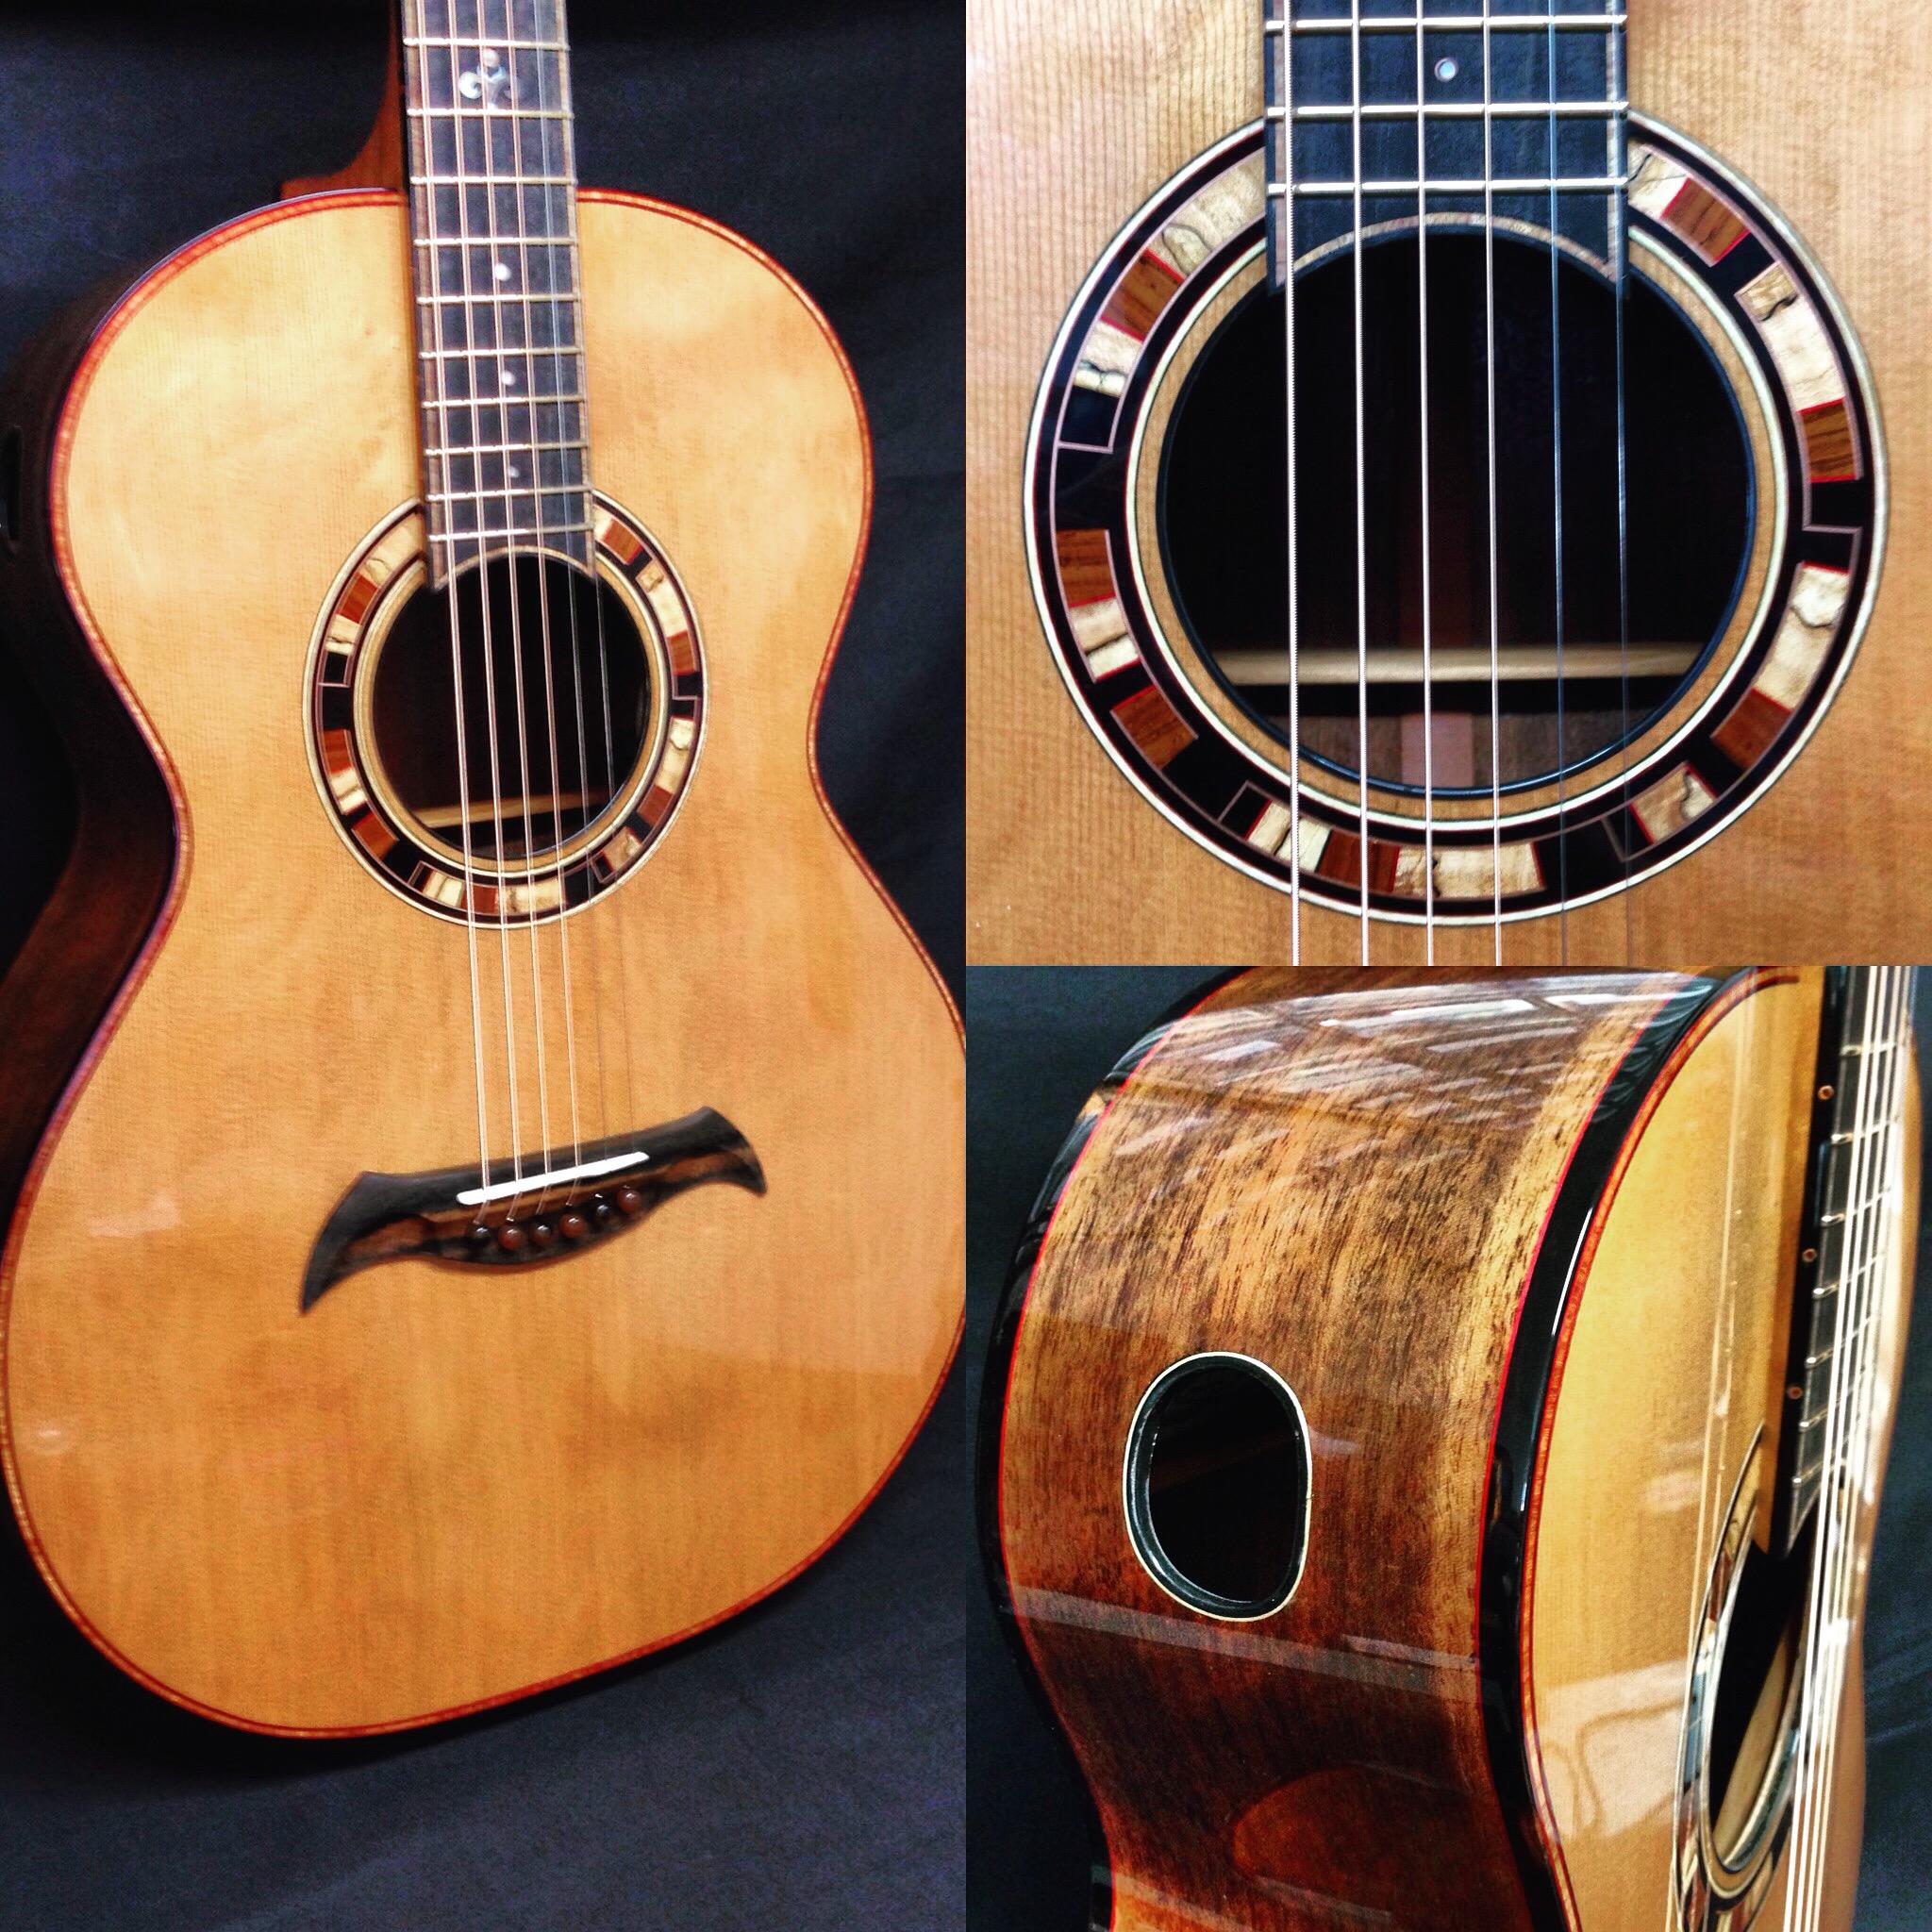 Guitar Repair Long Island Appraisals - Guitar Repair Long Island